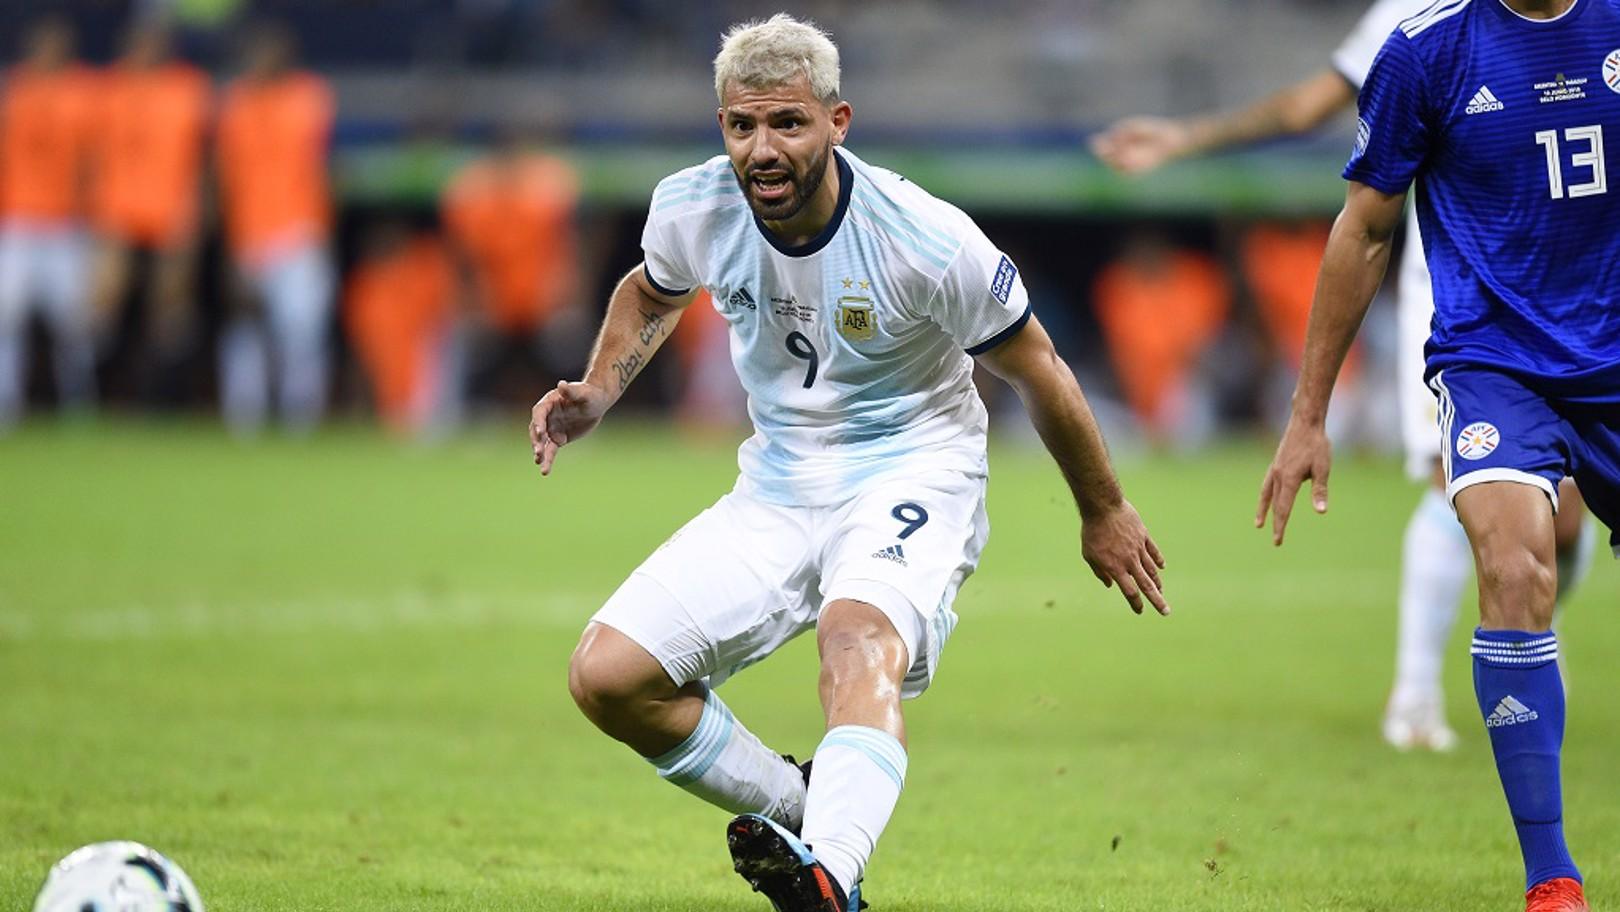 L'Argentine n'a qu'un nul contre le Paraguay (1-1)